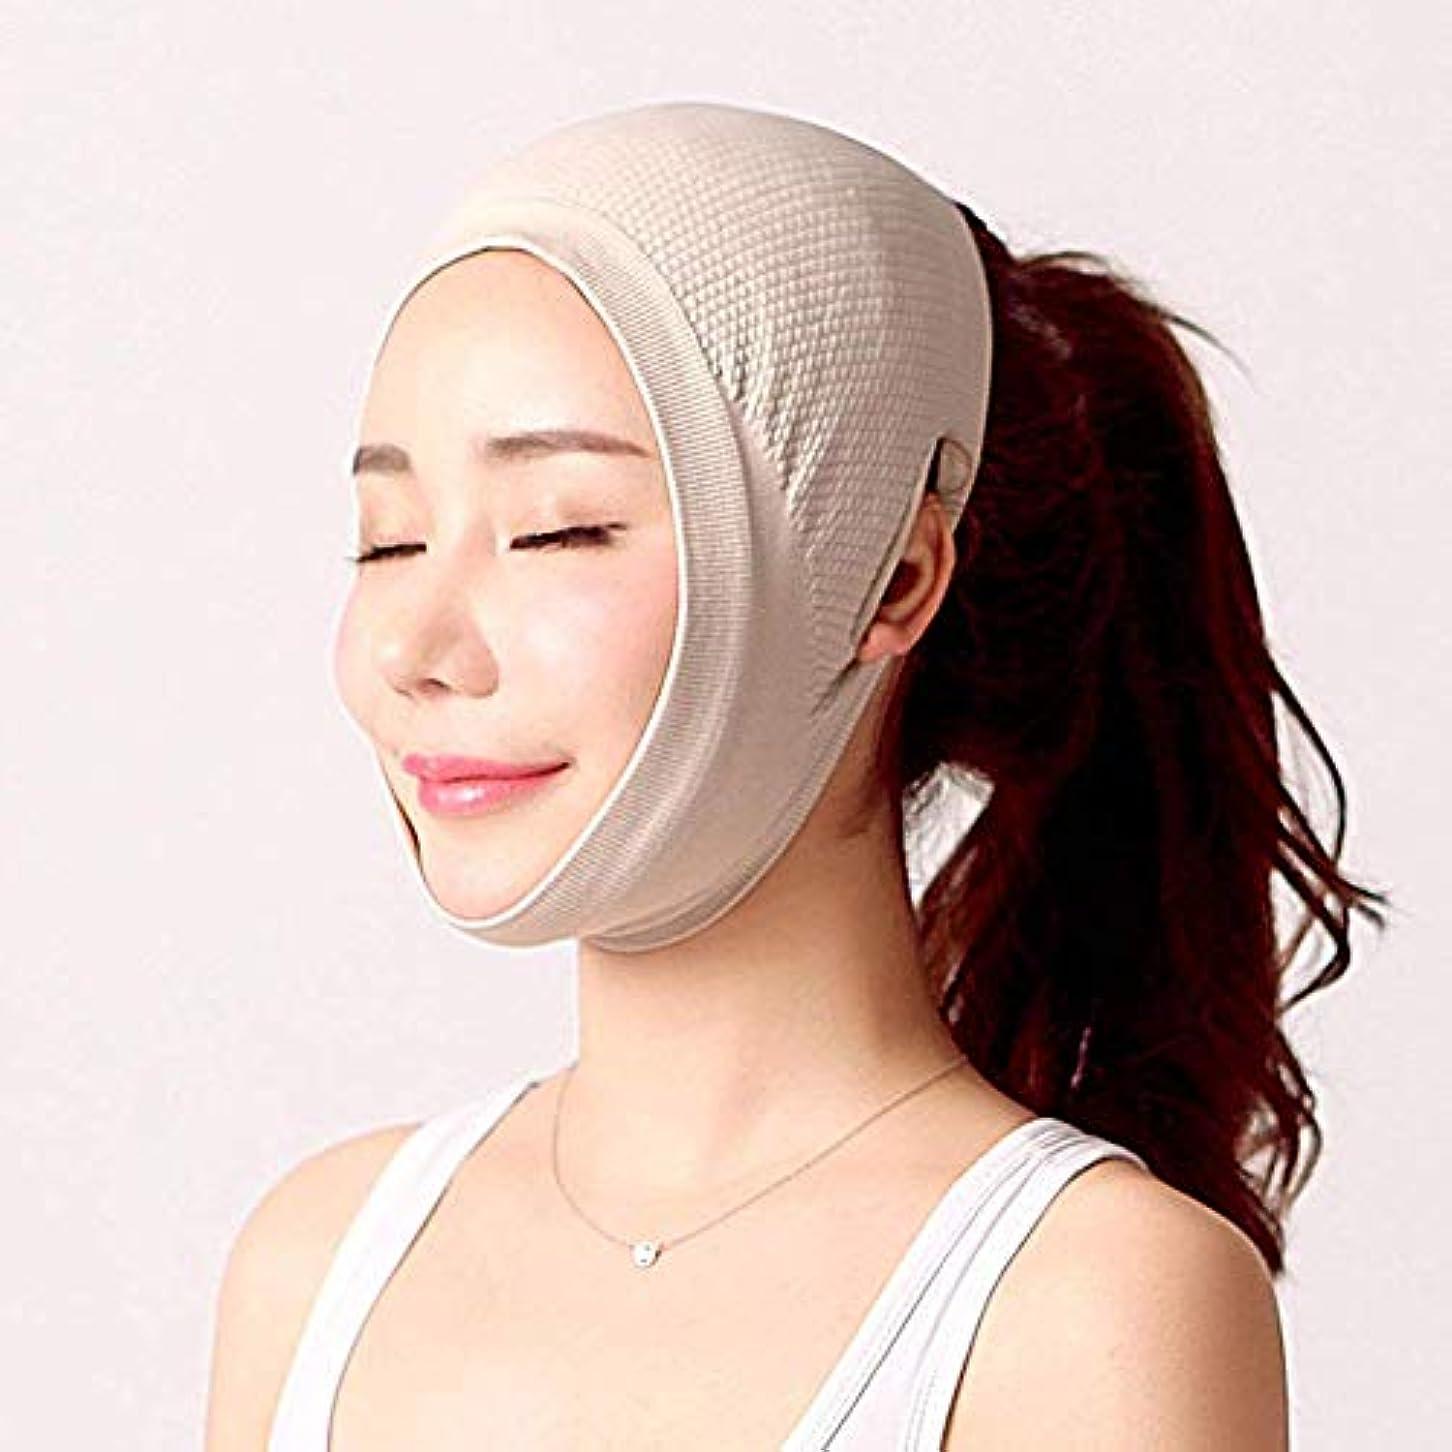 人気すぐに閃光フェイスリフトマスク、Vリフトフェイスフェイスリフト包帯痩身あご頬マスク顔/Vフェイスラインフルフェイス痩身/二重あご通気性